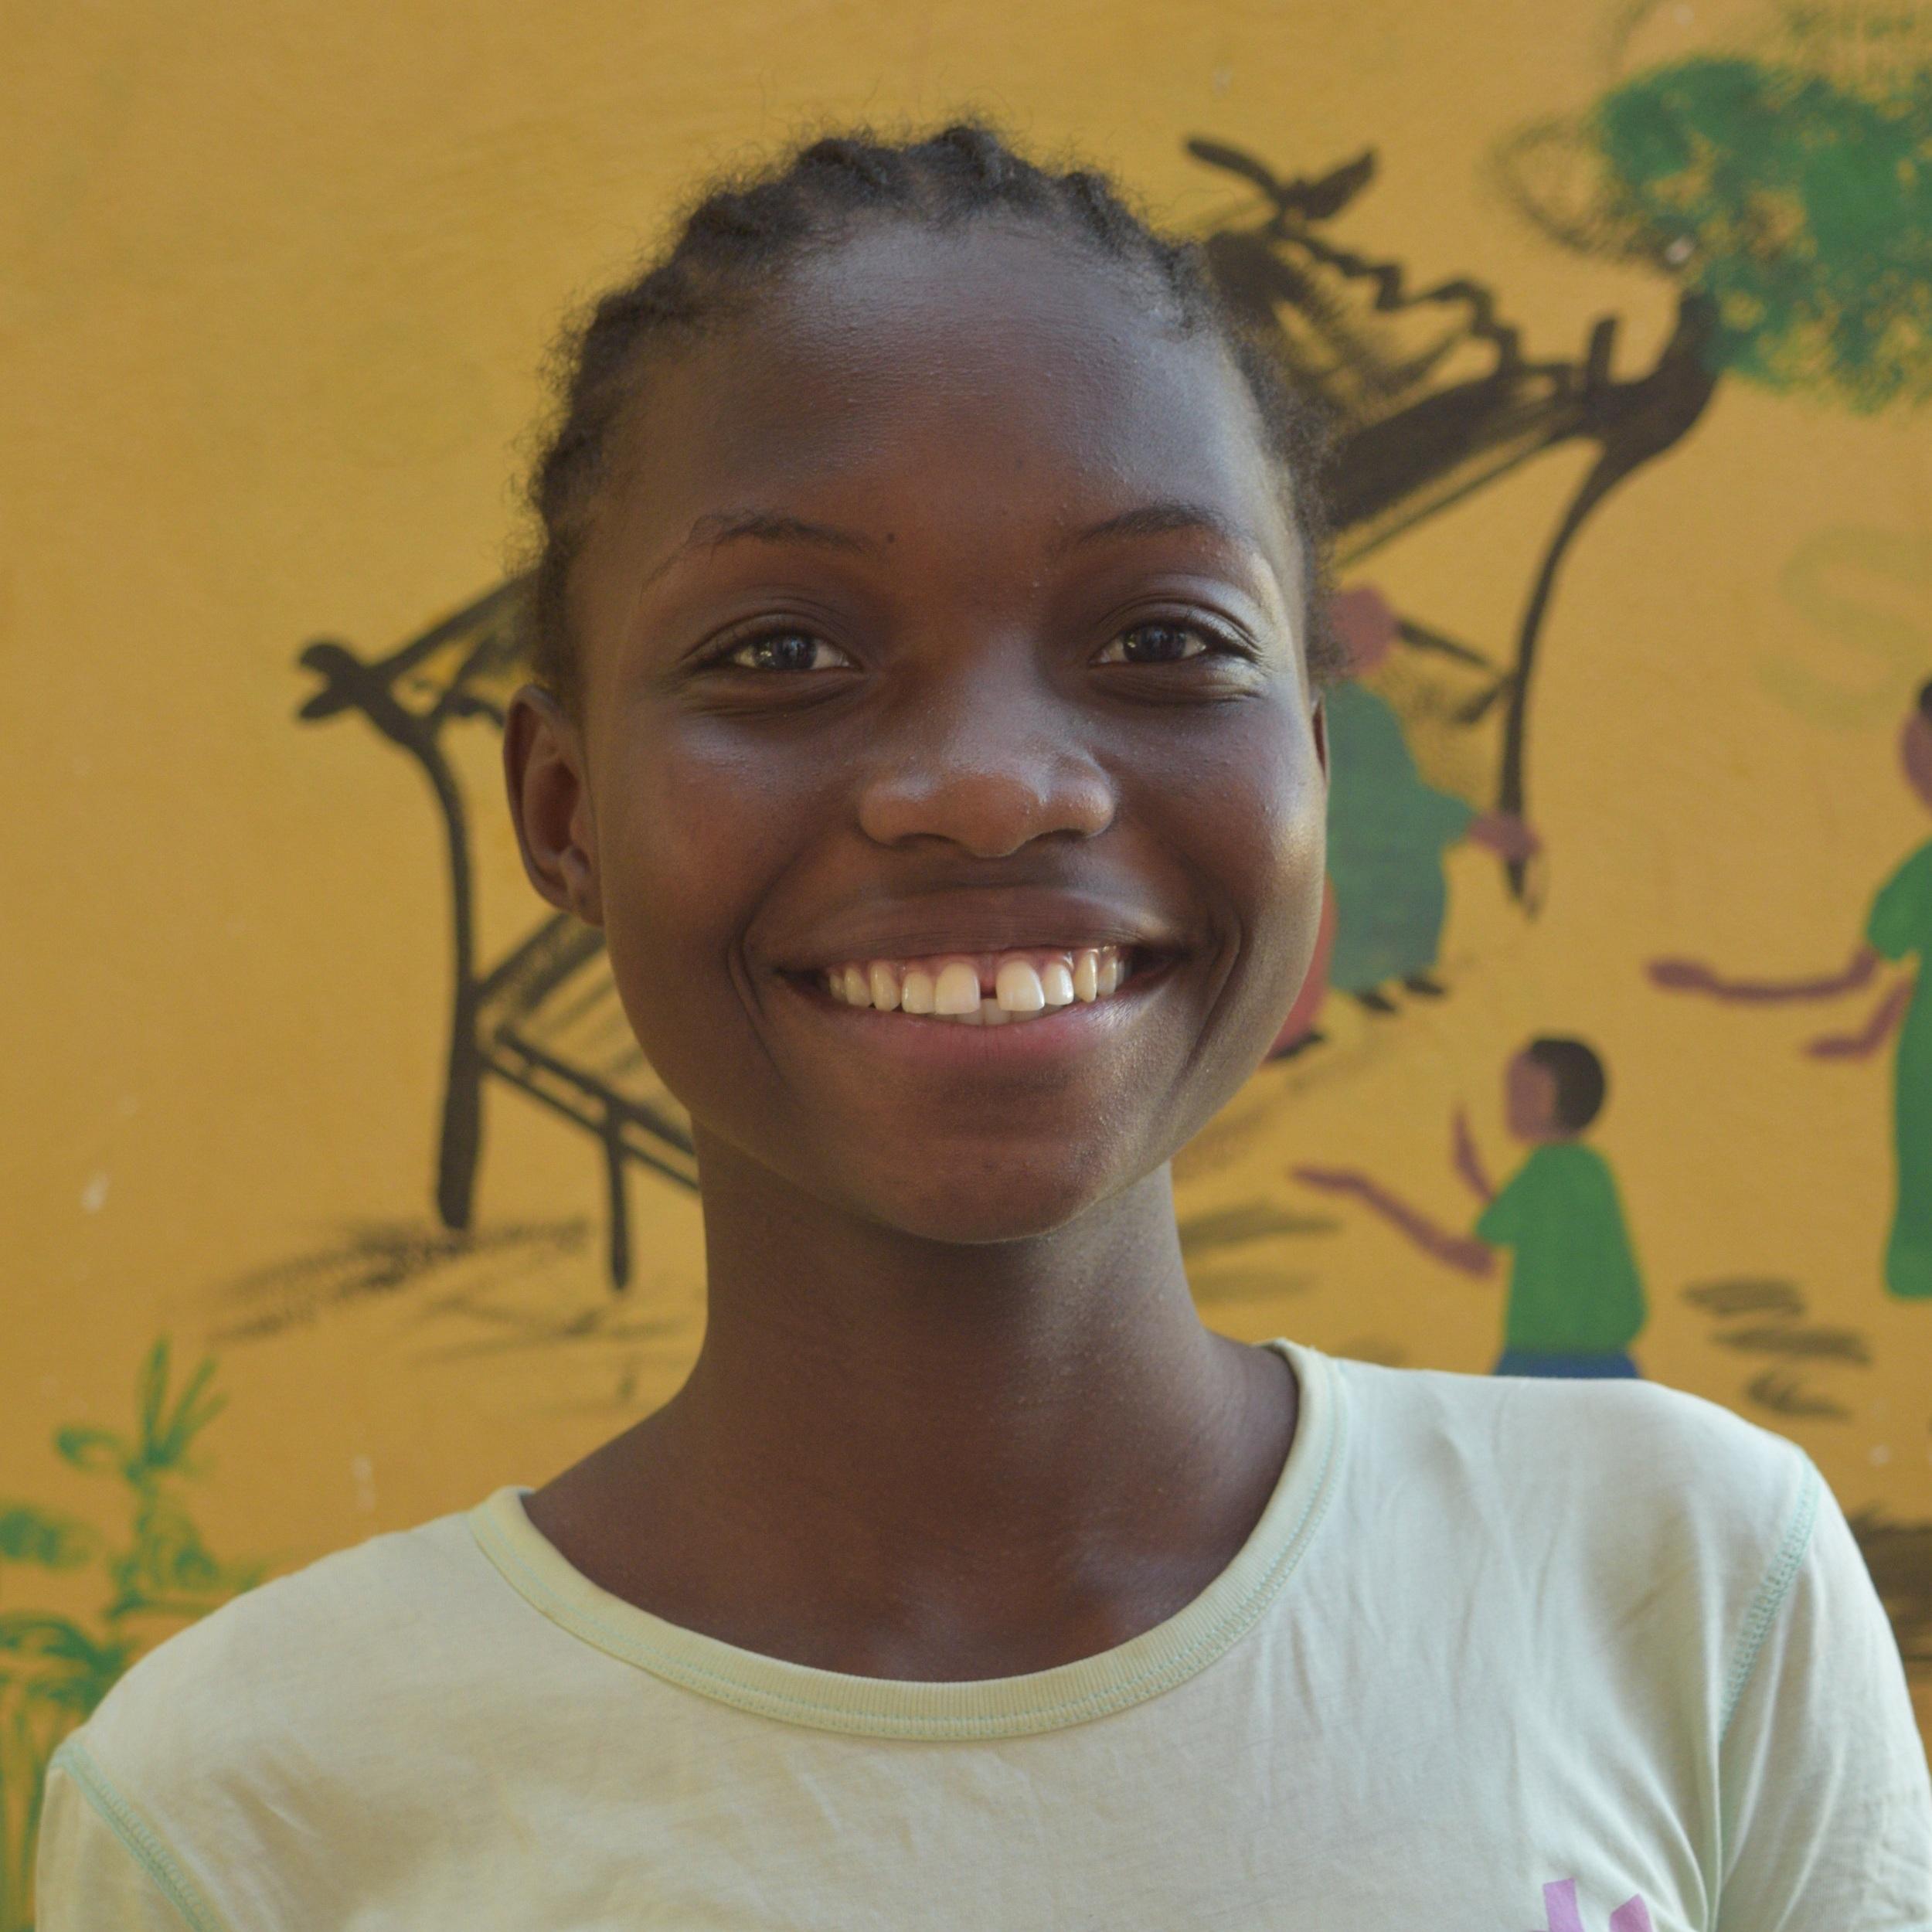 Mary Banna, The Gambia